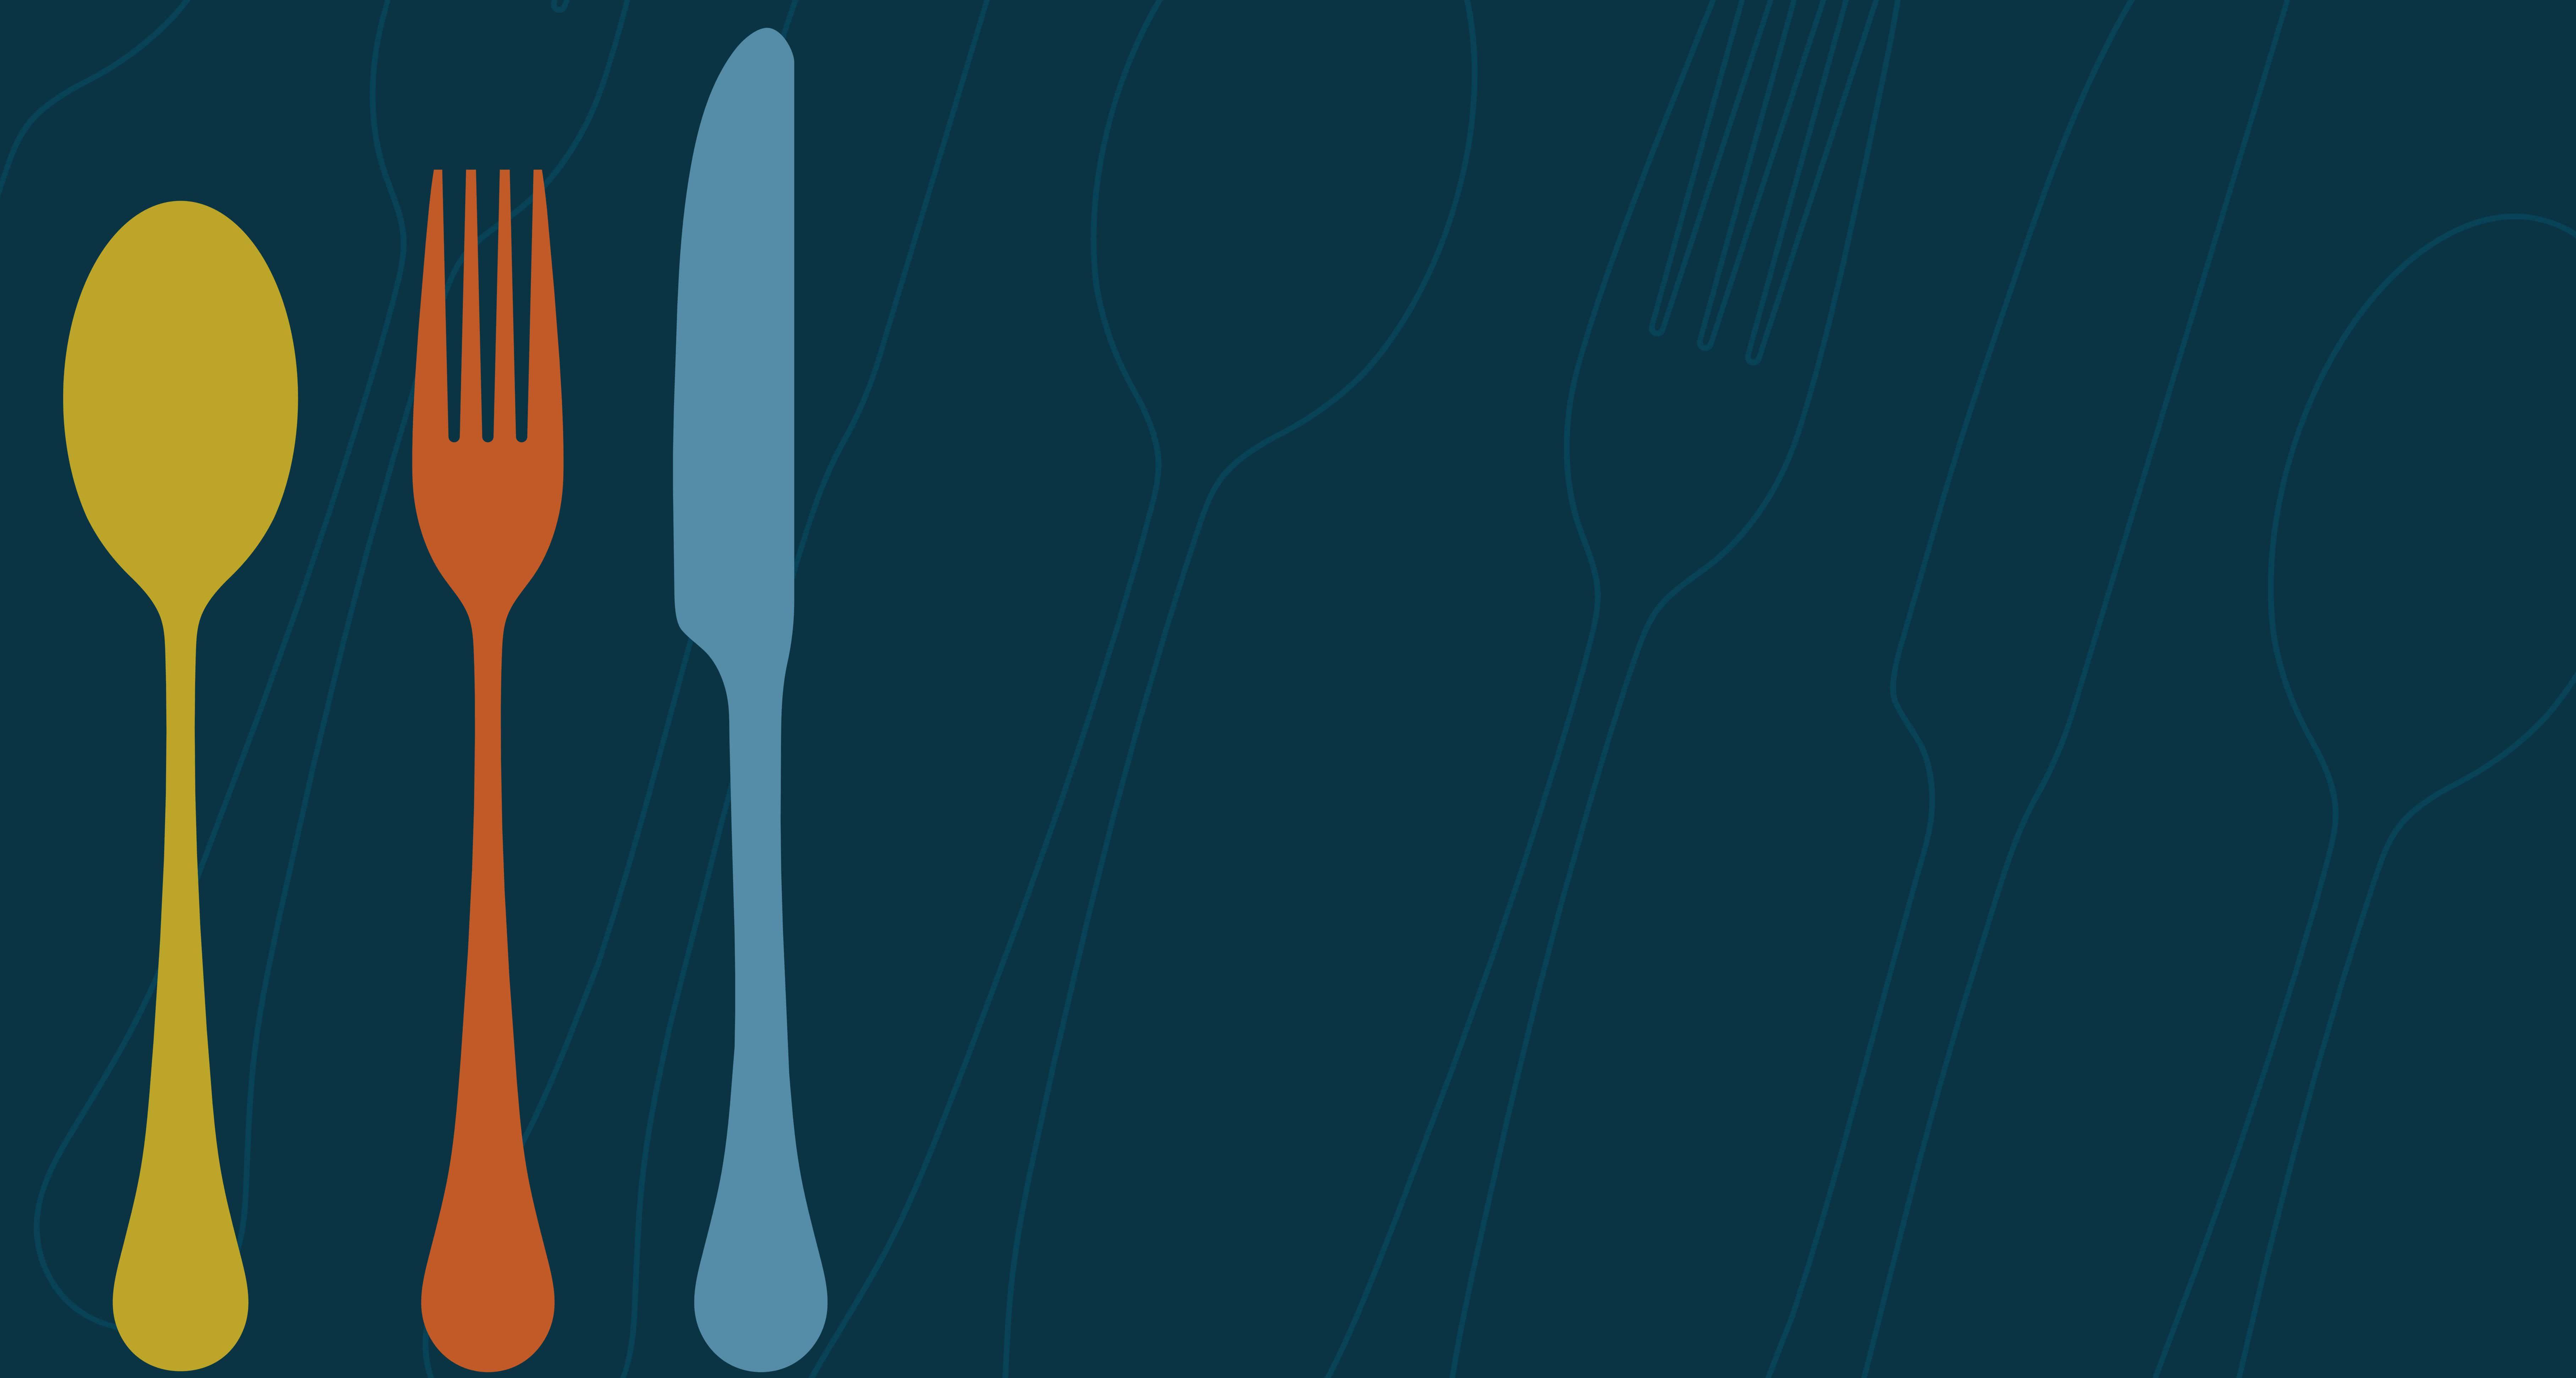 cuillère couteau fourchette